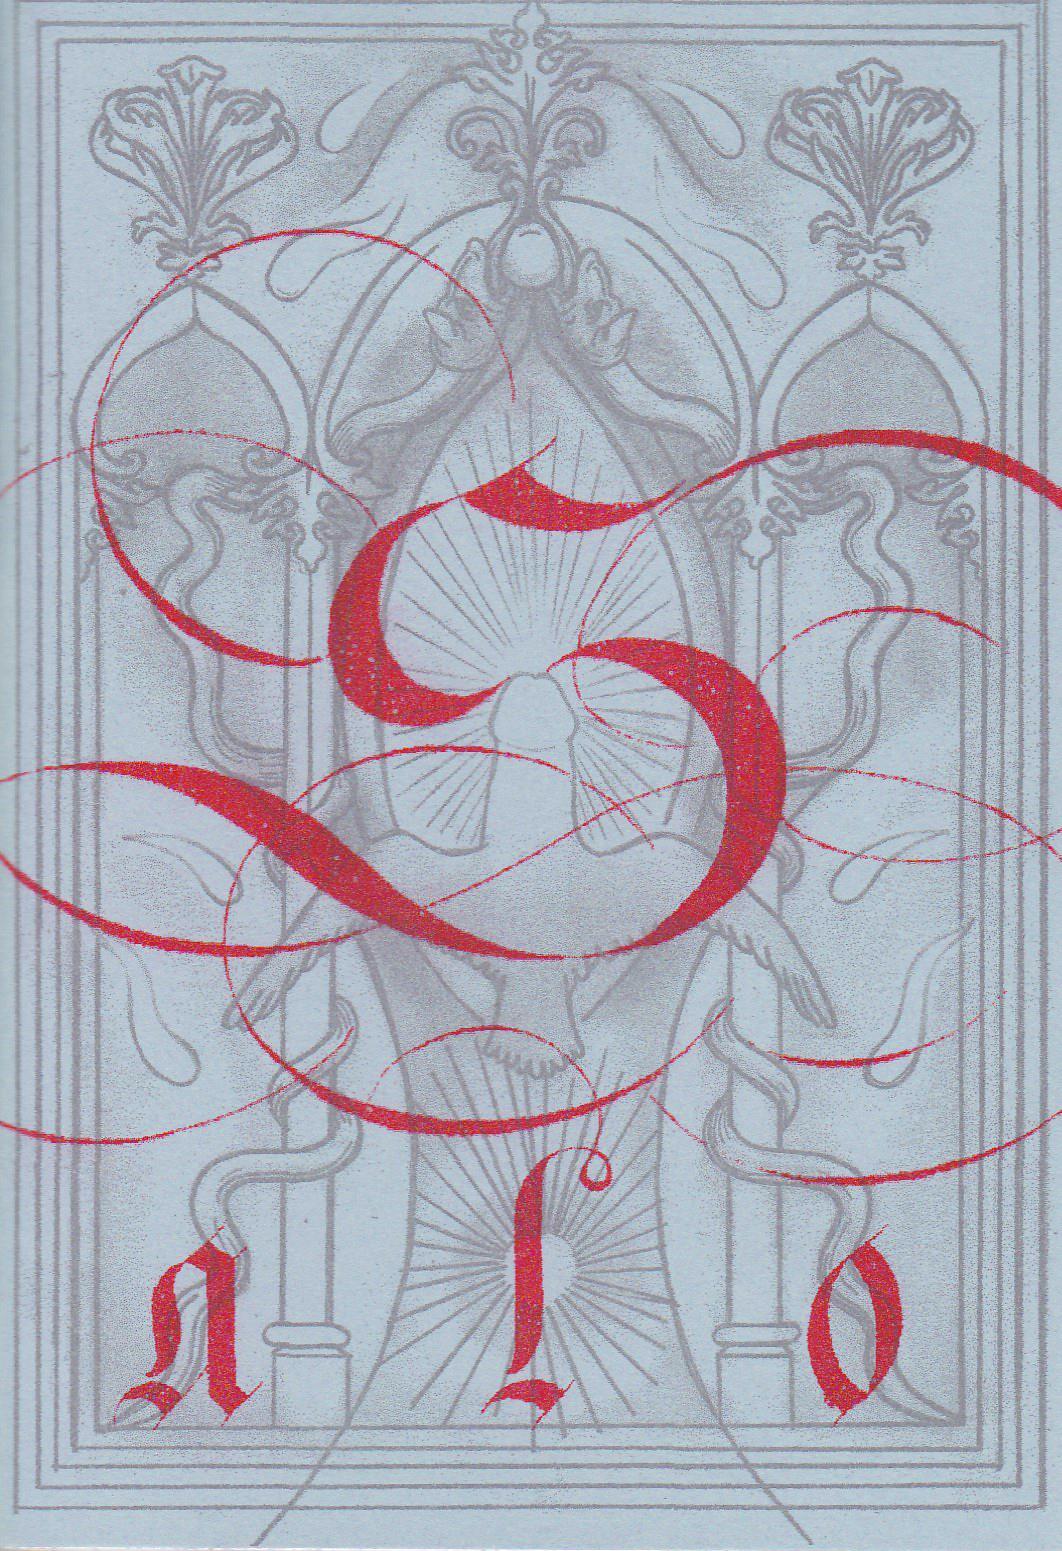 Salo VI, Catalogue de 128 pages, Texte de Laurent Quénéhen, 9.5x13.5cm, Edition Les Salaisons, 2018